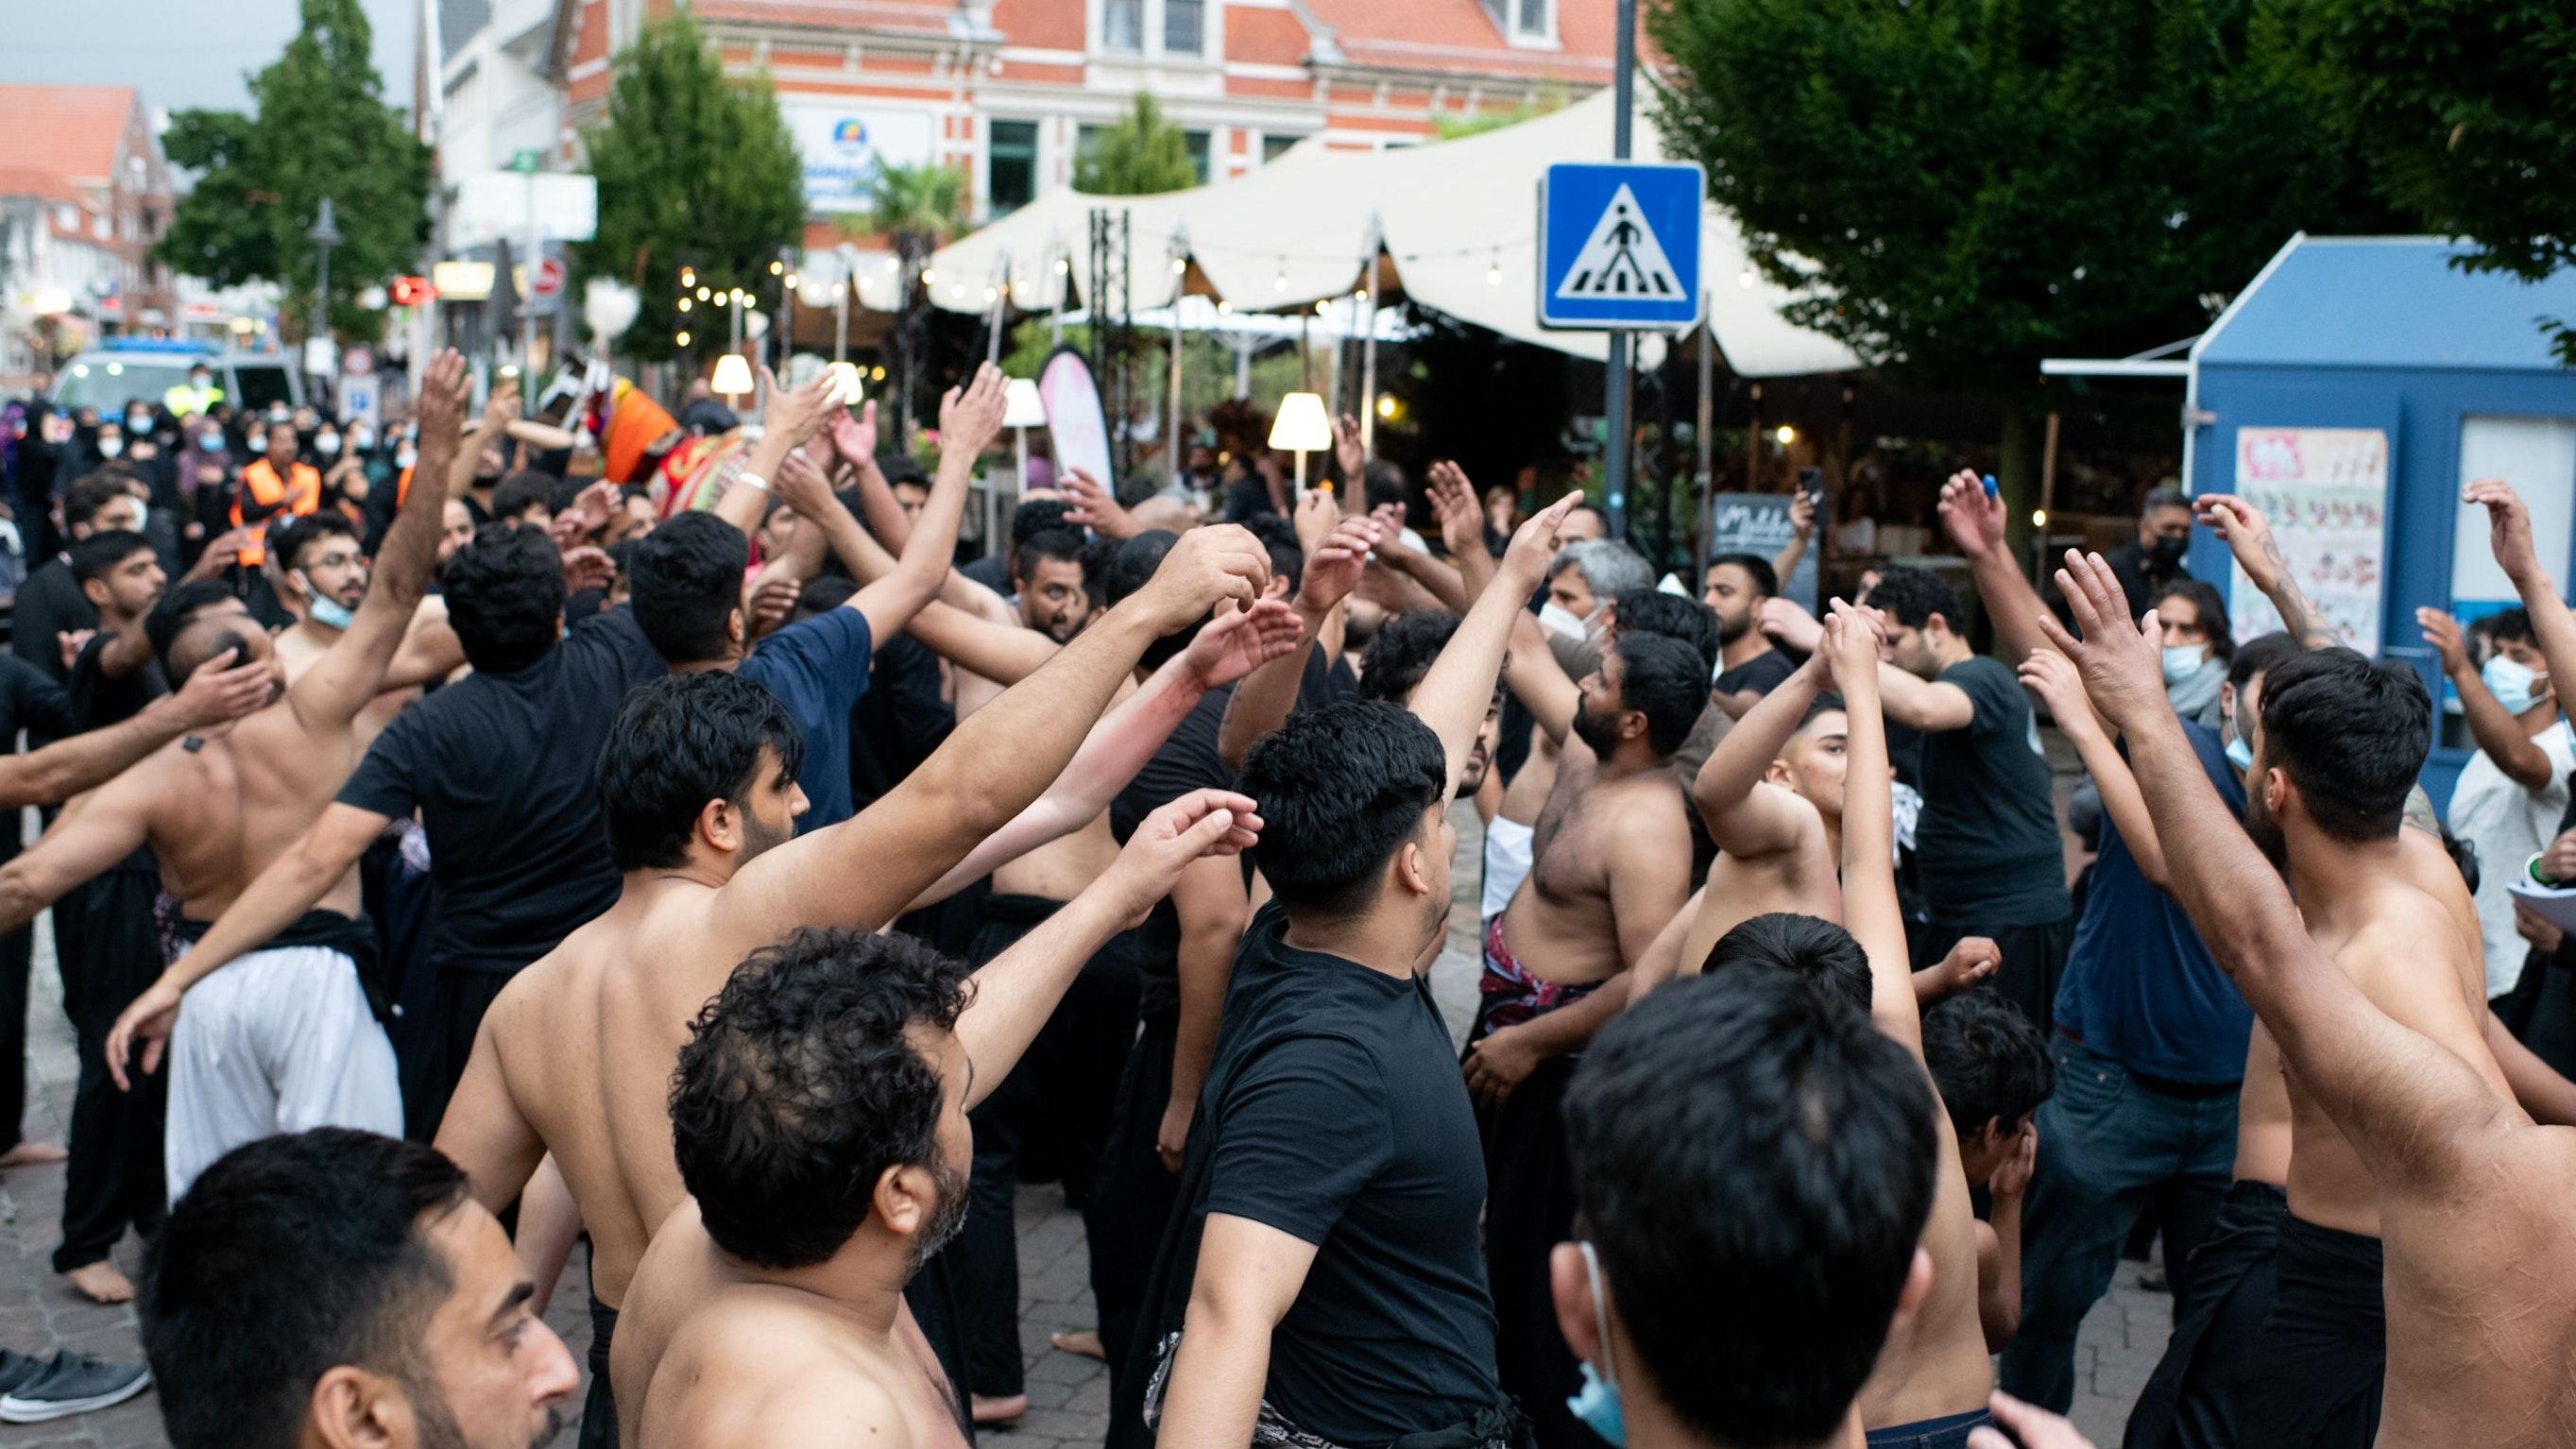 Die Männer schlagen sich im Gebet rhythmisch auf die Brust, um das Leid des Imam Hussain nachzuempfinden. Foto: Chowanietz